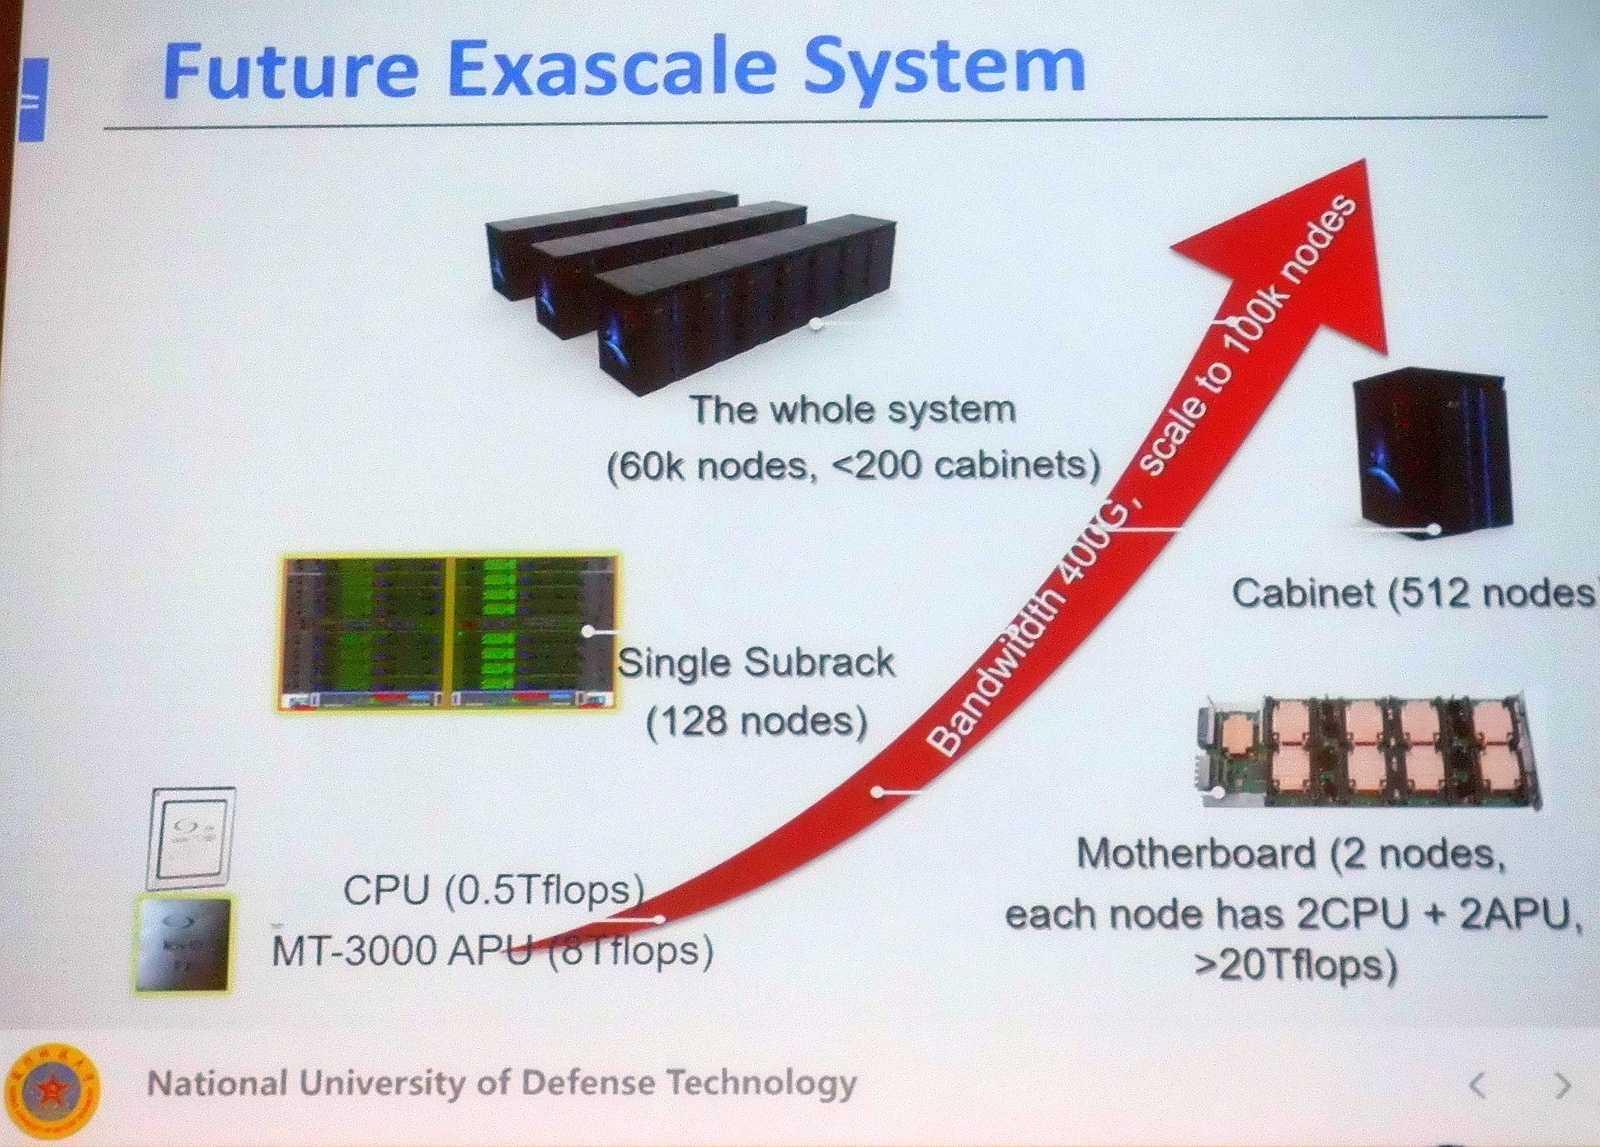 Ein zweites Exascale-Projekt aus China verwendet eine neue Generation selbst entwickelter Beschleuniger namens Matrix-3000.